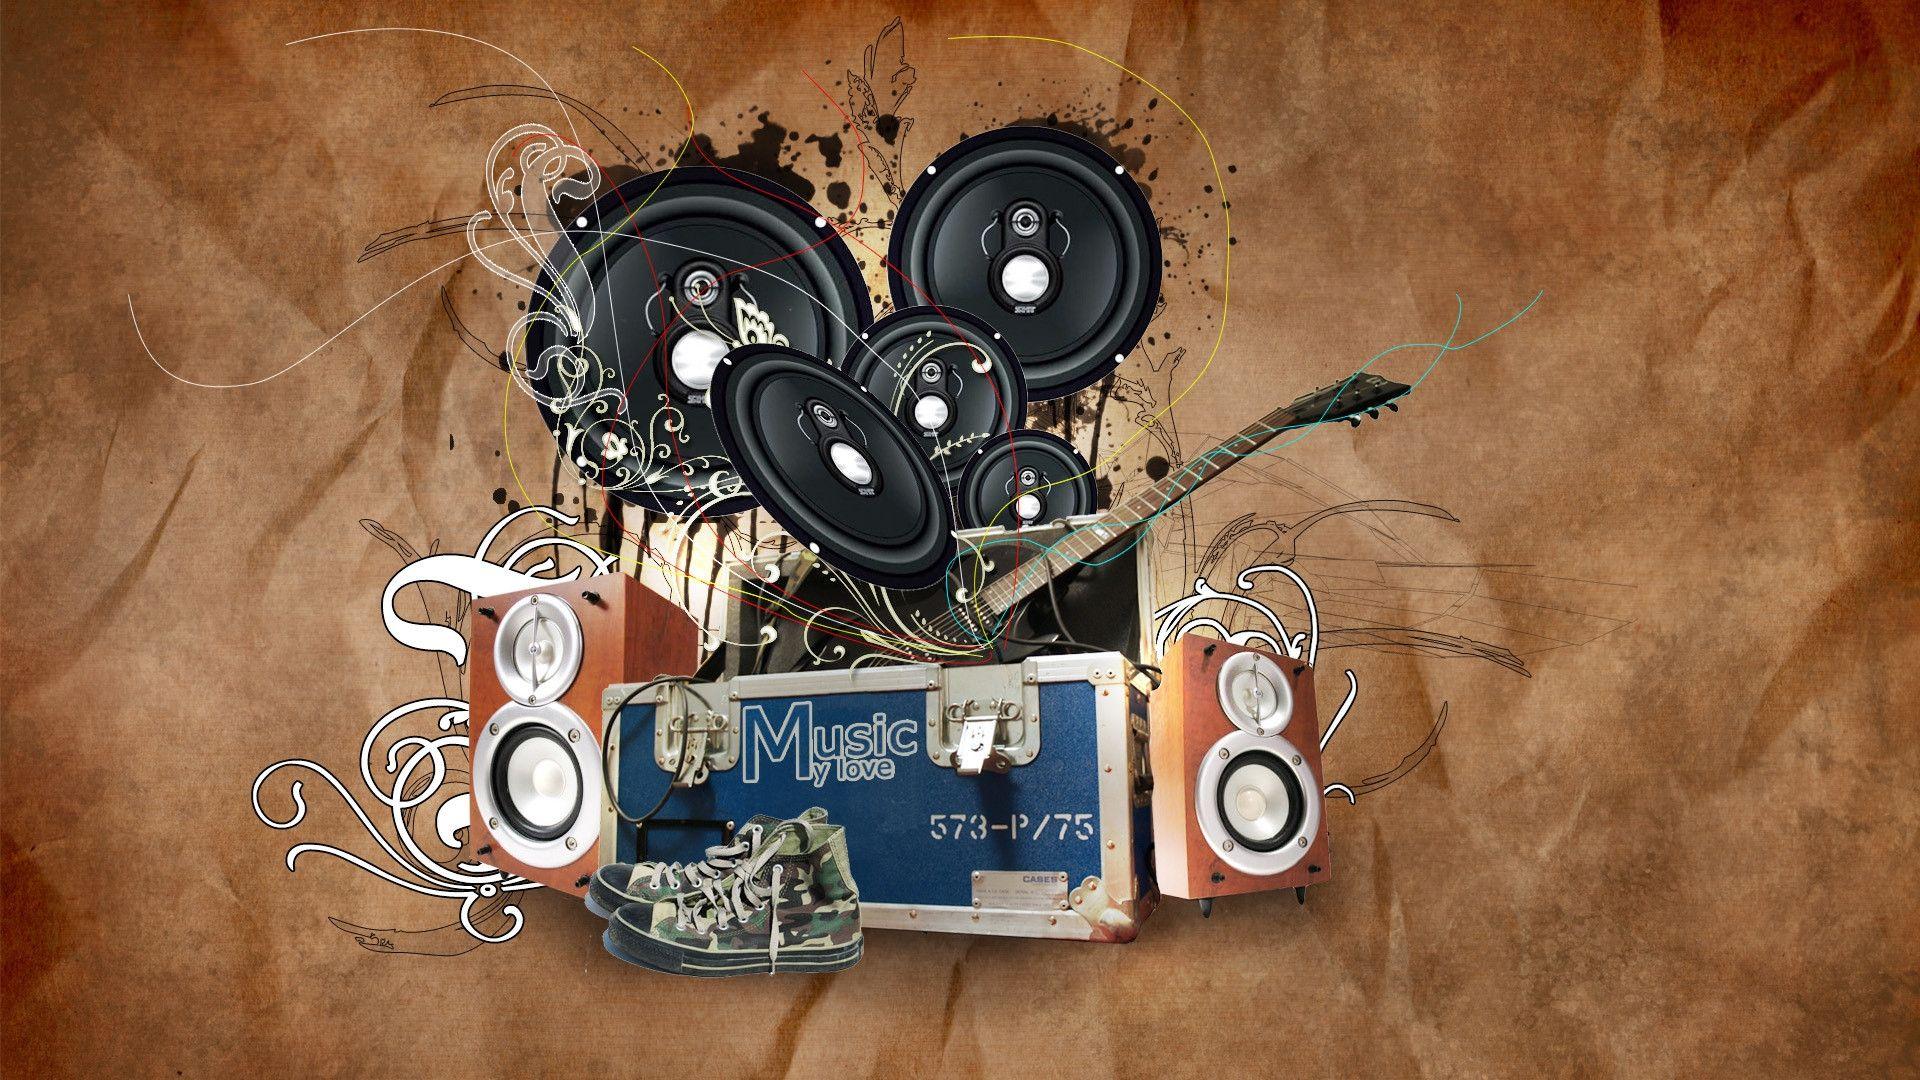 Top Wallpaper Mac Music - 5545db1e5a2122591577e2901f7a1449  HD_624334.jpg